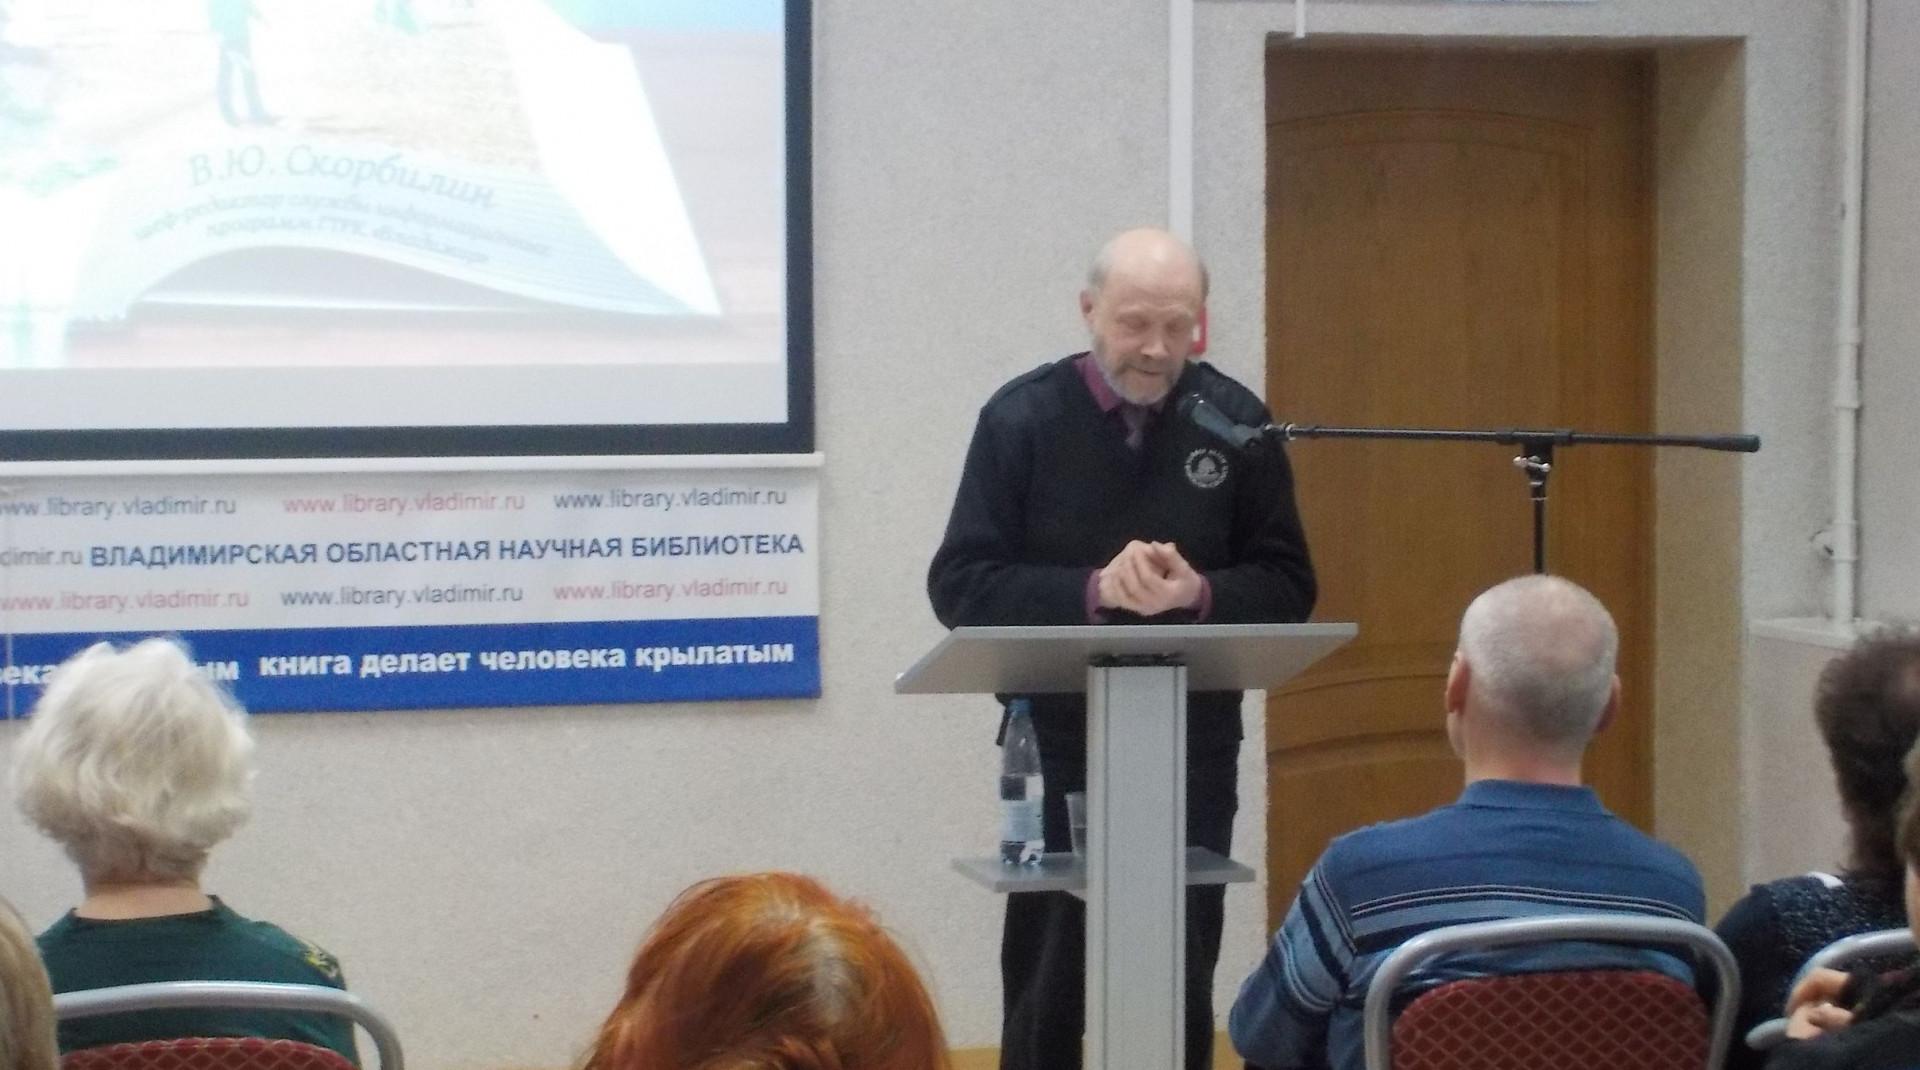 Выступление Валерия Скорбилина